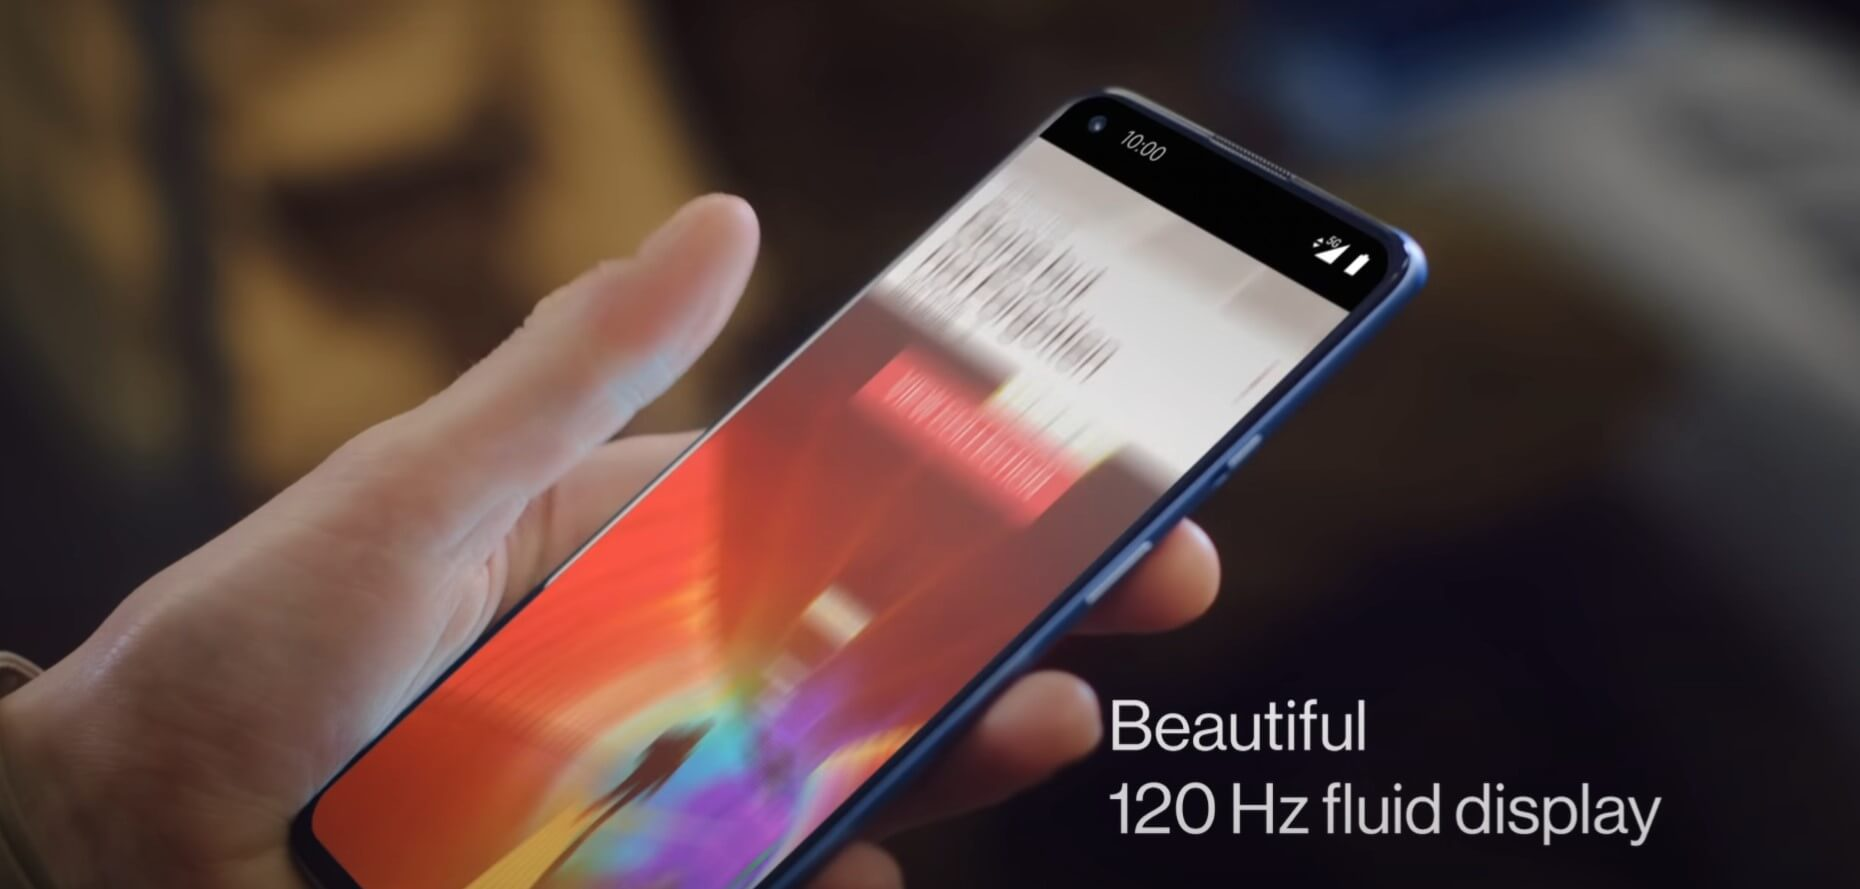 OnePlus 9R 5Gのディスプレイは120Hzのリフレッシュレートに対応